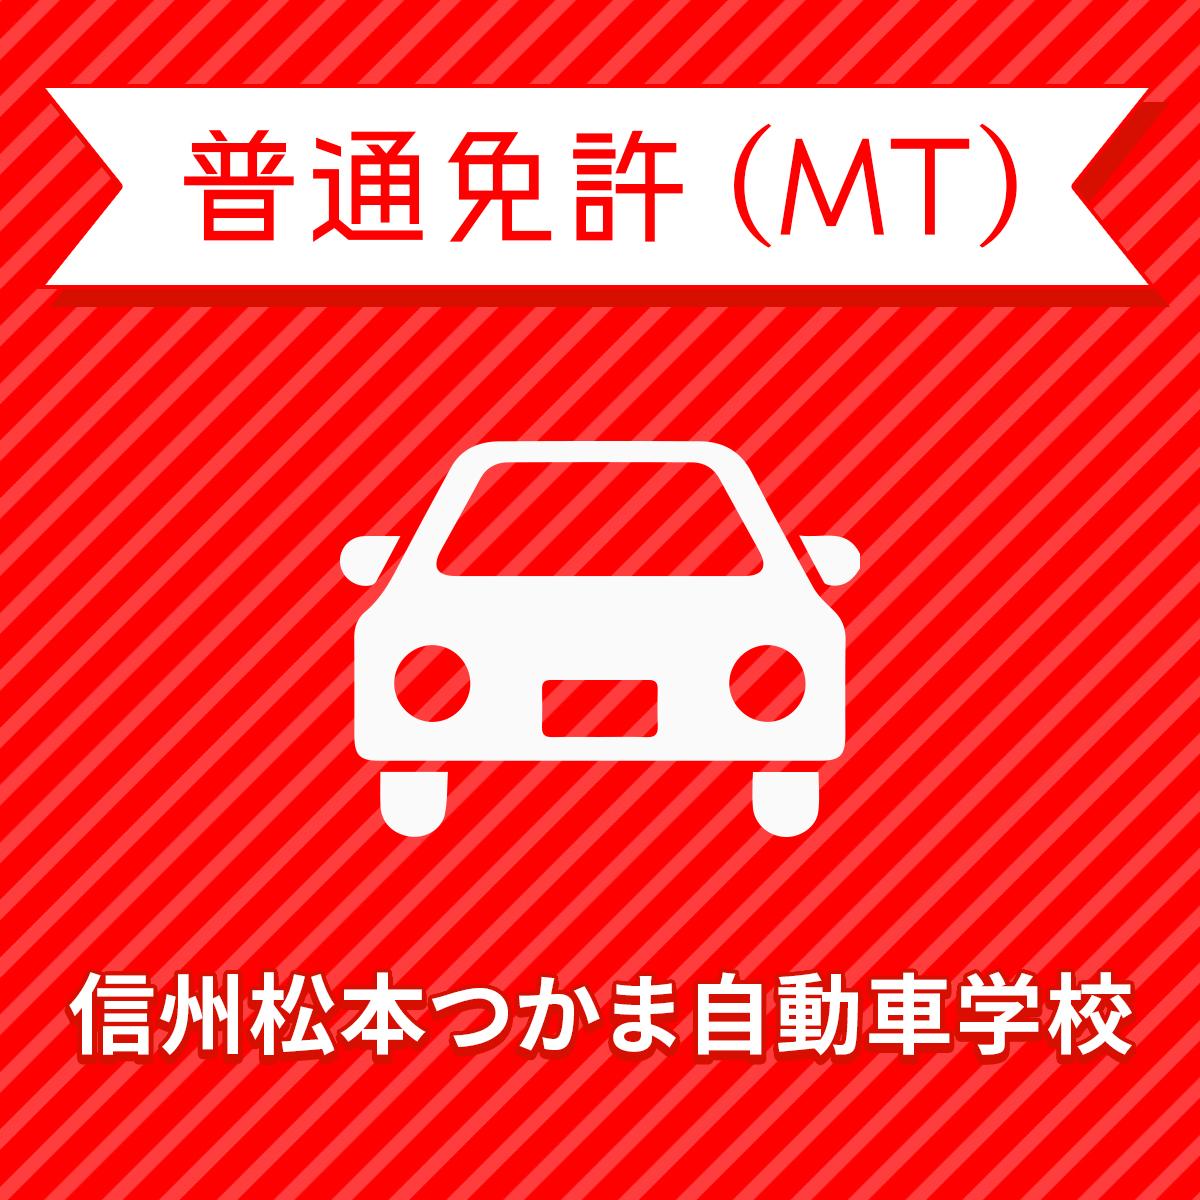 【長野県松本市】普通車MTコース(一般料金)<免許なし/原付免許所持対象>